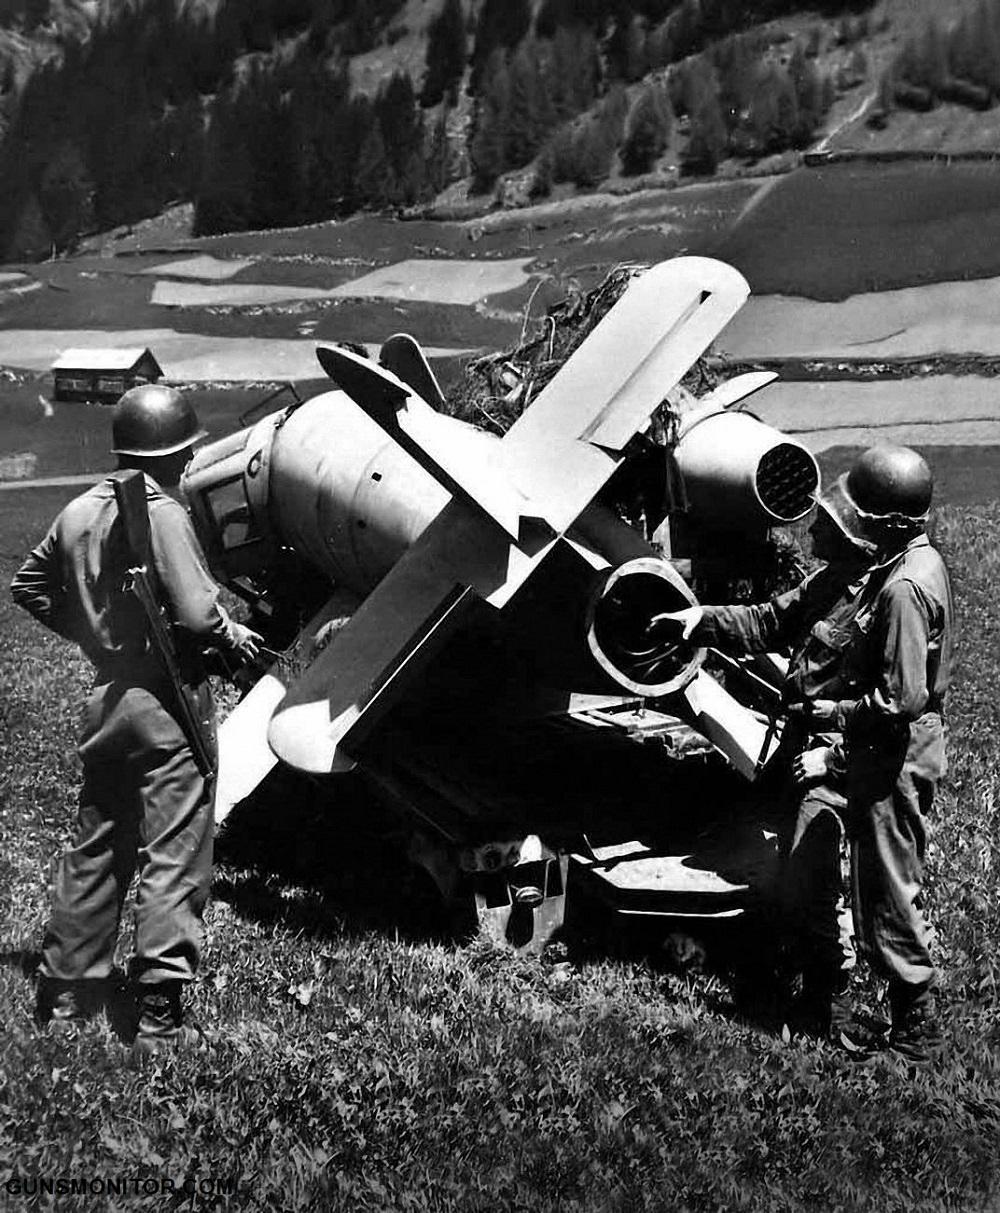 1576298338 512 طائرة هتلر المتاح مراقب الأسلحة مجلة الأسلحة البصرية أكو وب